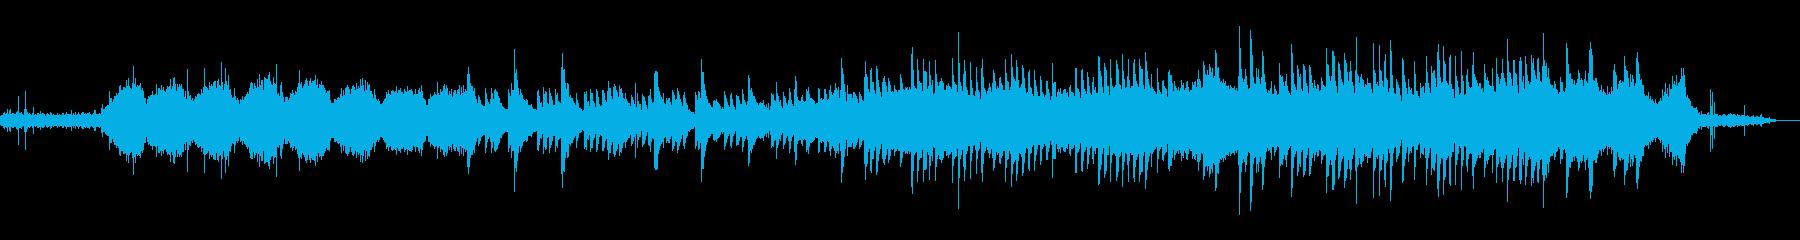 センチメンタルなピアノとグーチョンの再生済みの波形